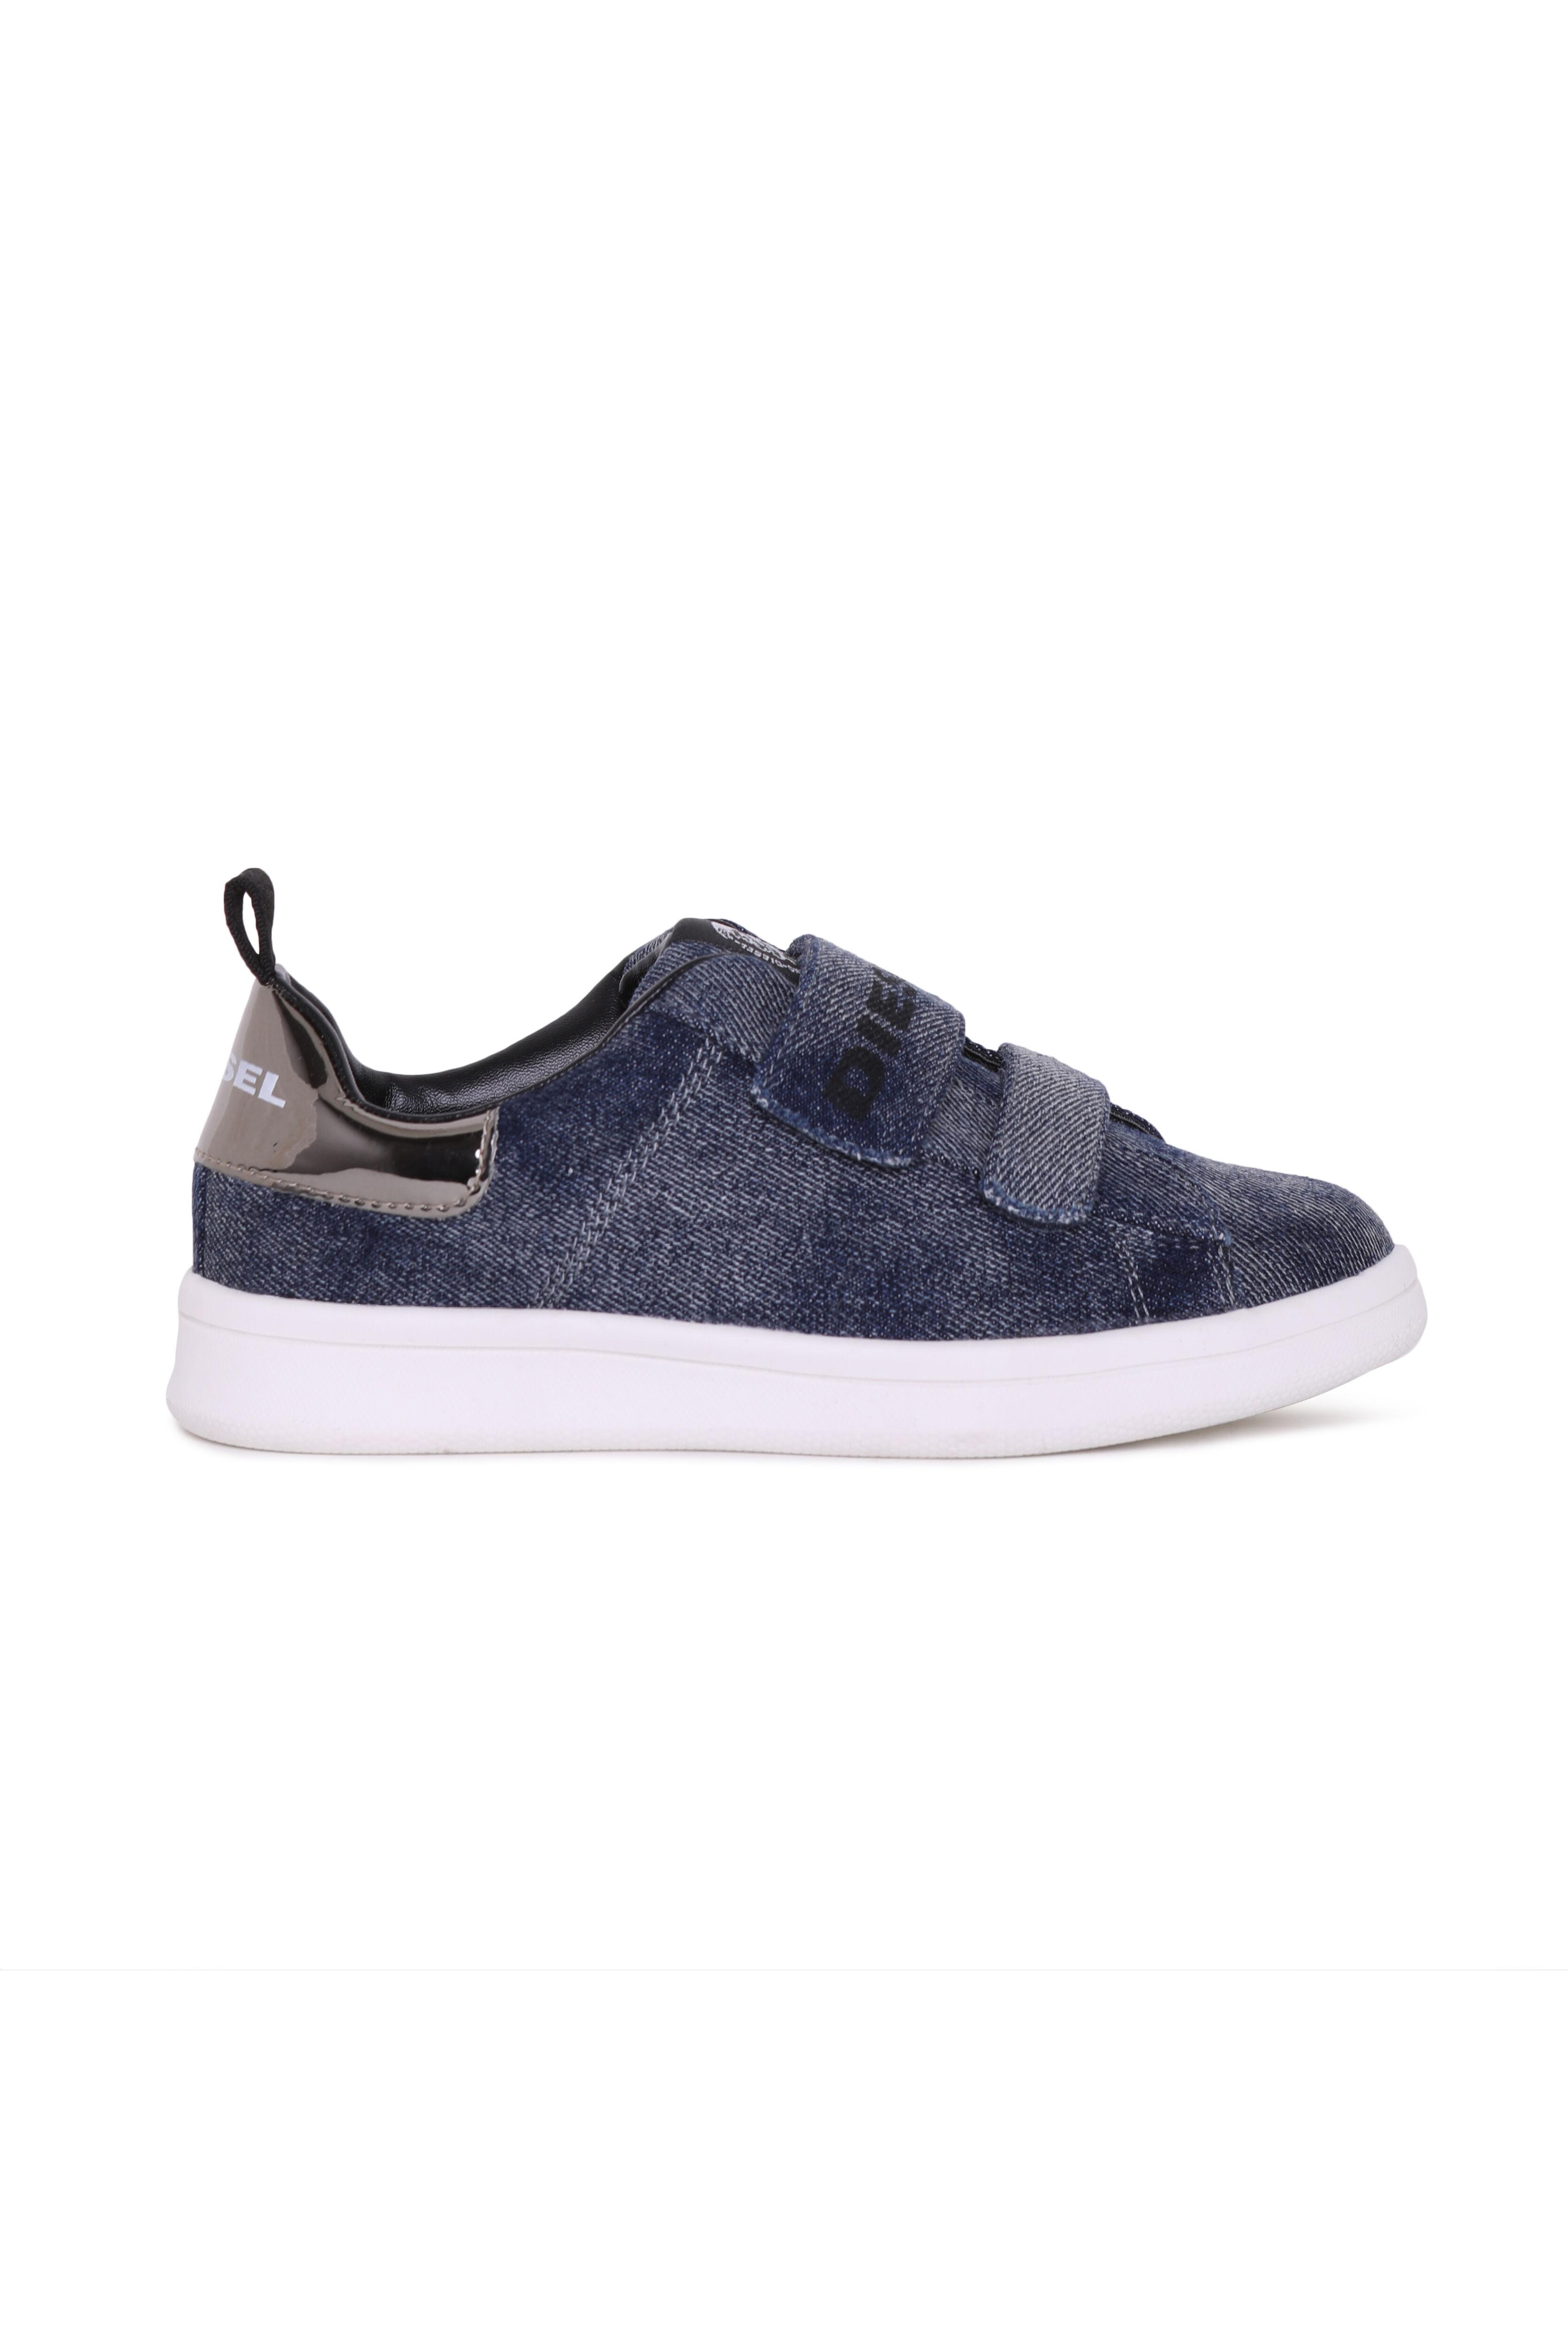 Sneakers S-Sneaker Lsb Yo Sneakers - Diesel Kid